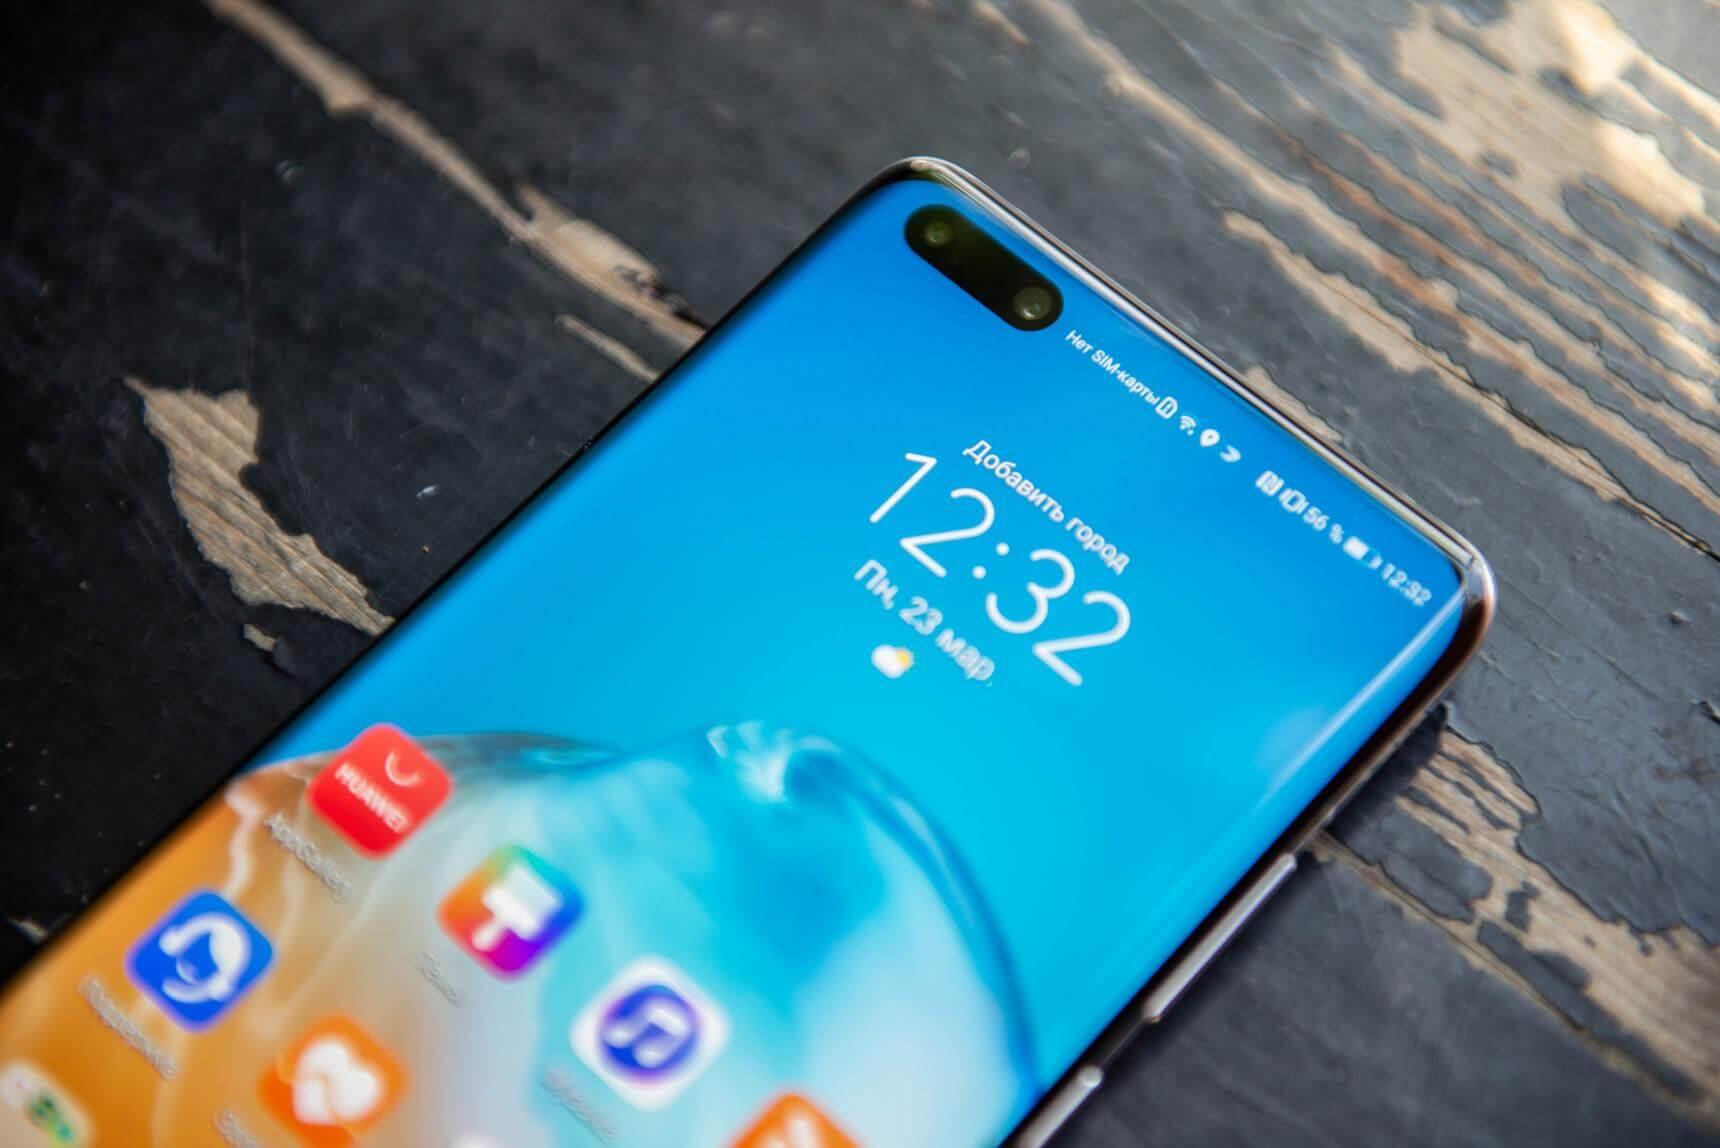 Huawei cấp bằng sáng chế công nghệ để đưa camera vào tầm ngắm 2